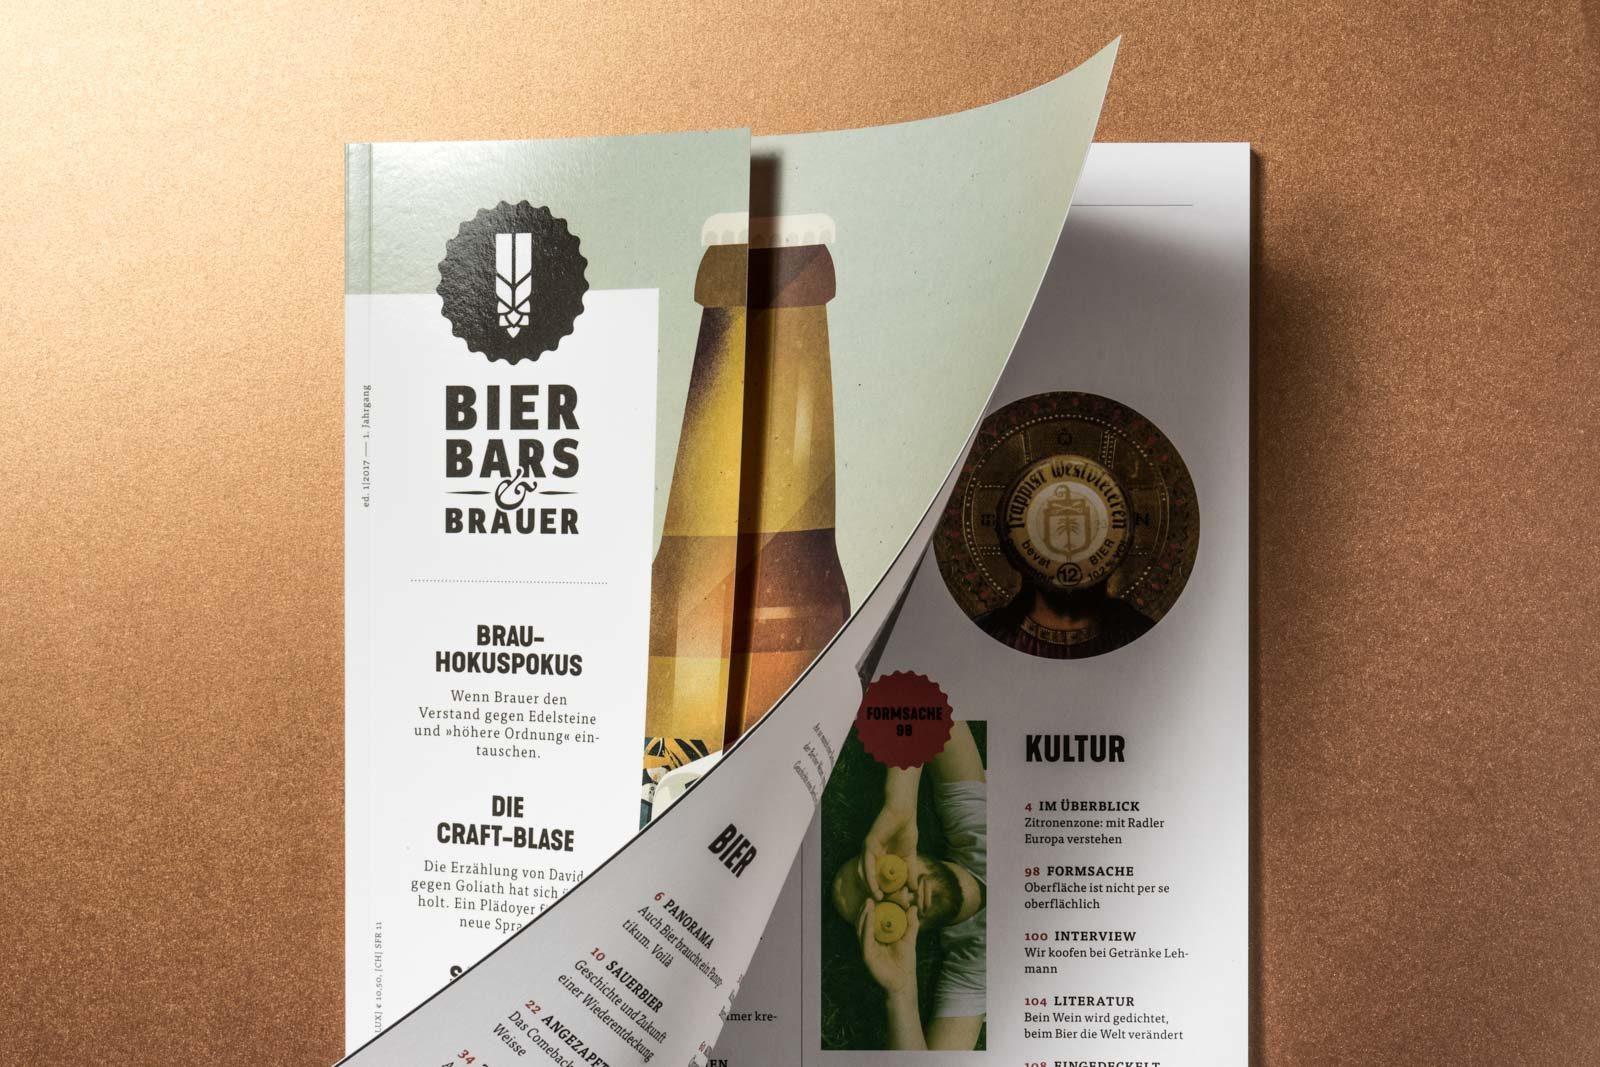 Editienne Kommunikationsdesign- Editorial Design für Bierliebhaber- Bier Bars&Brauer